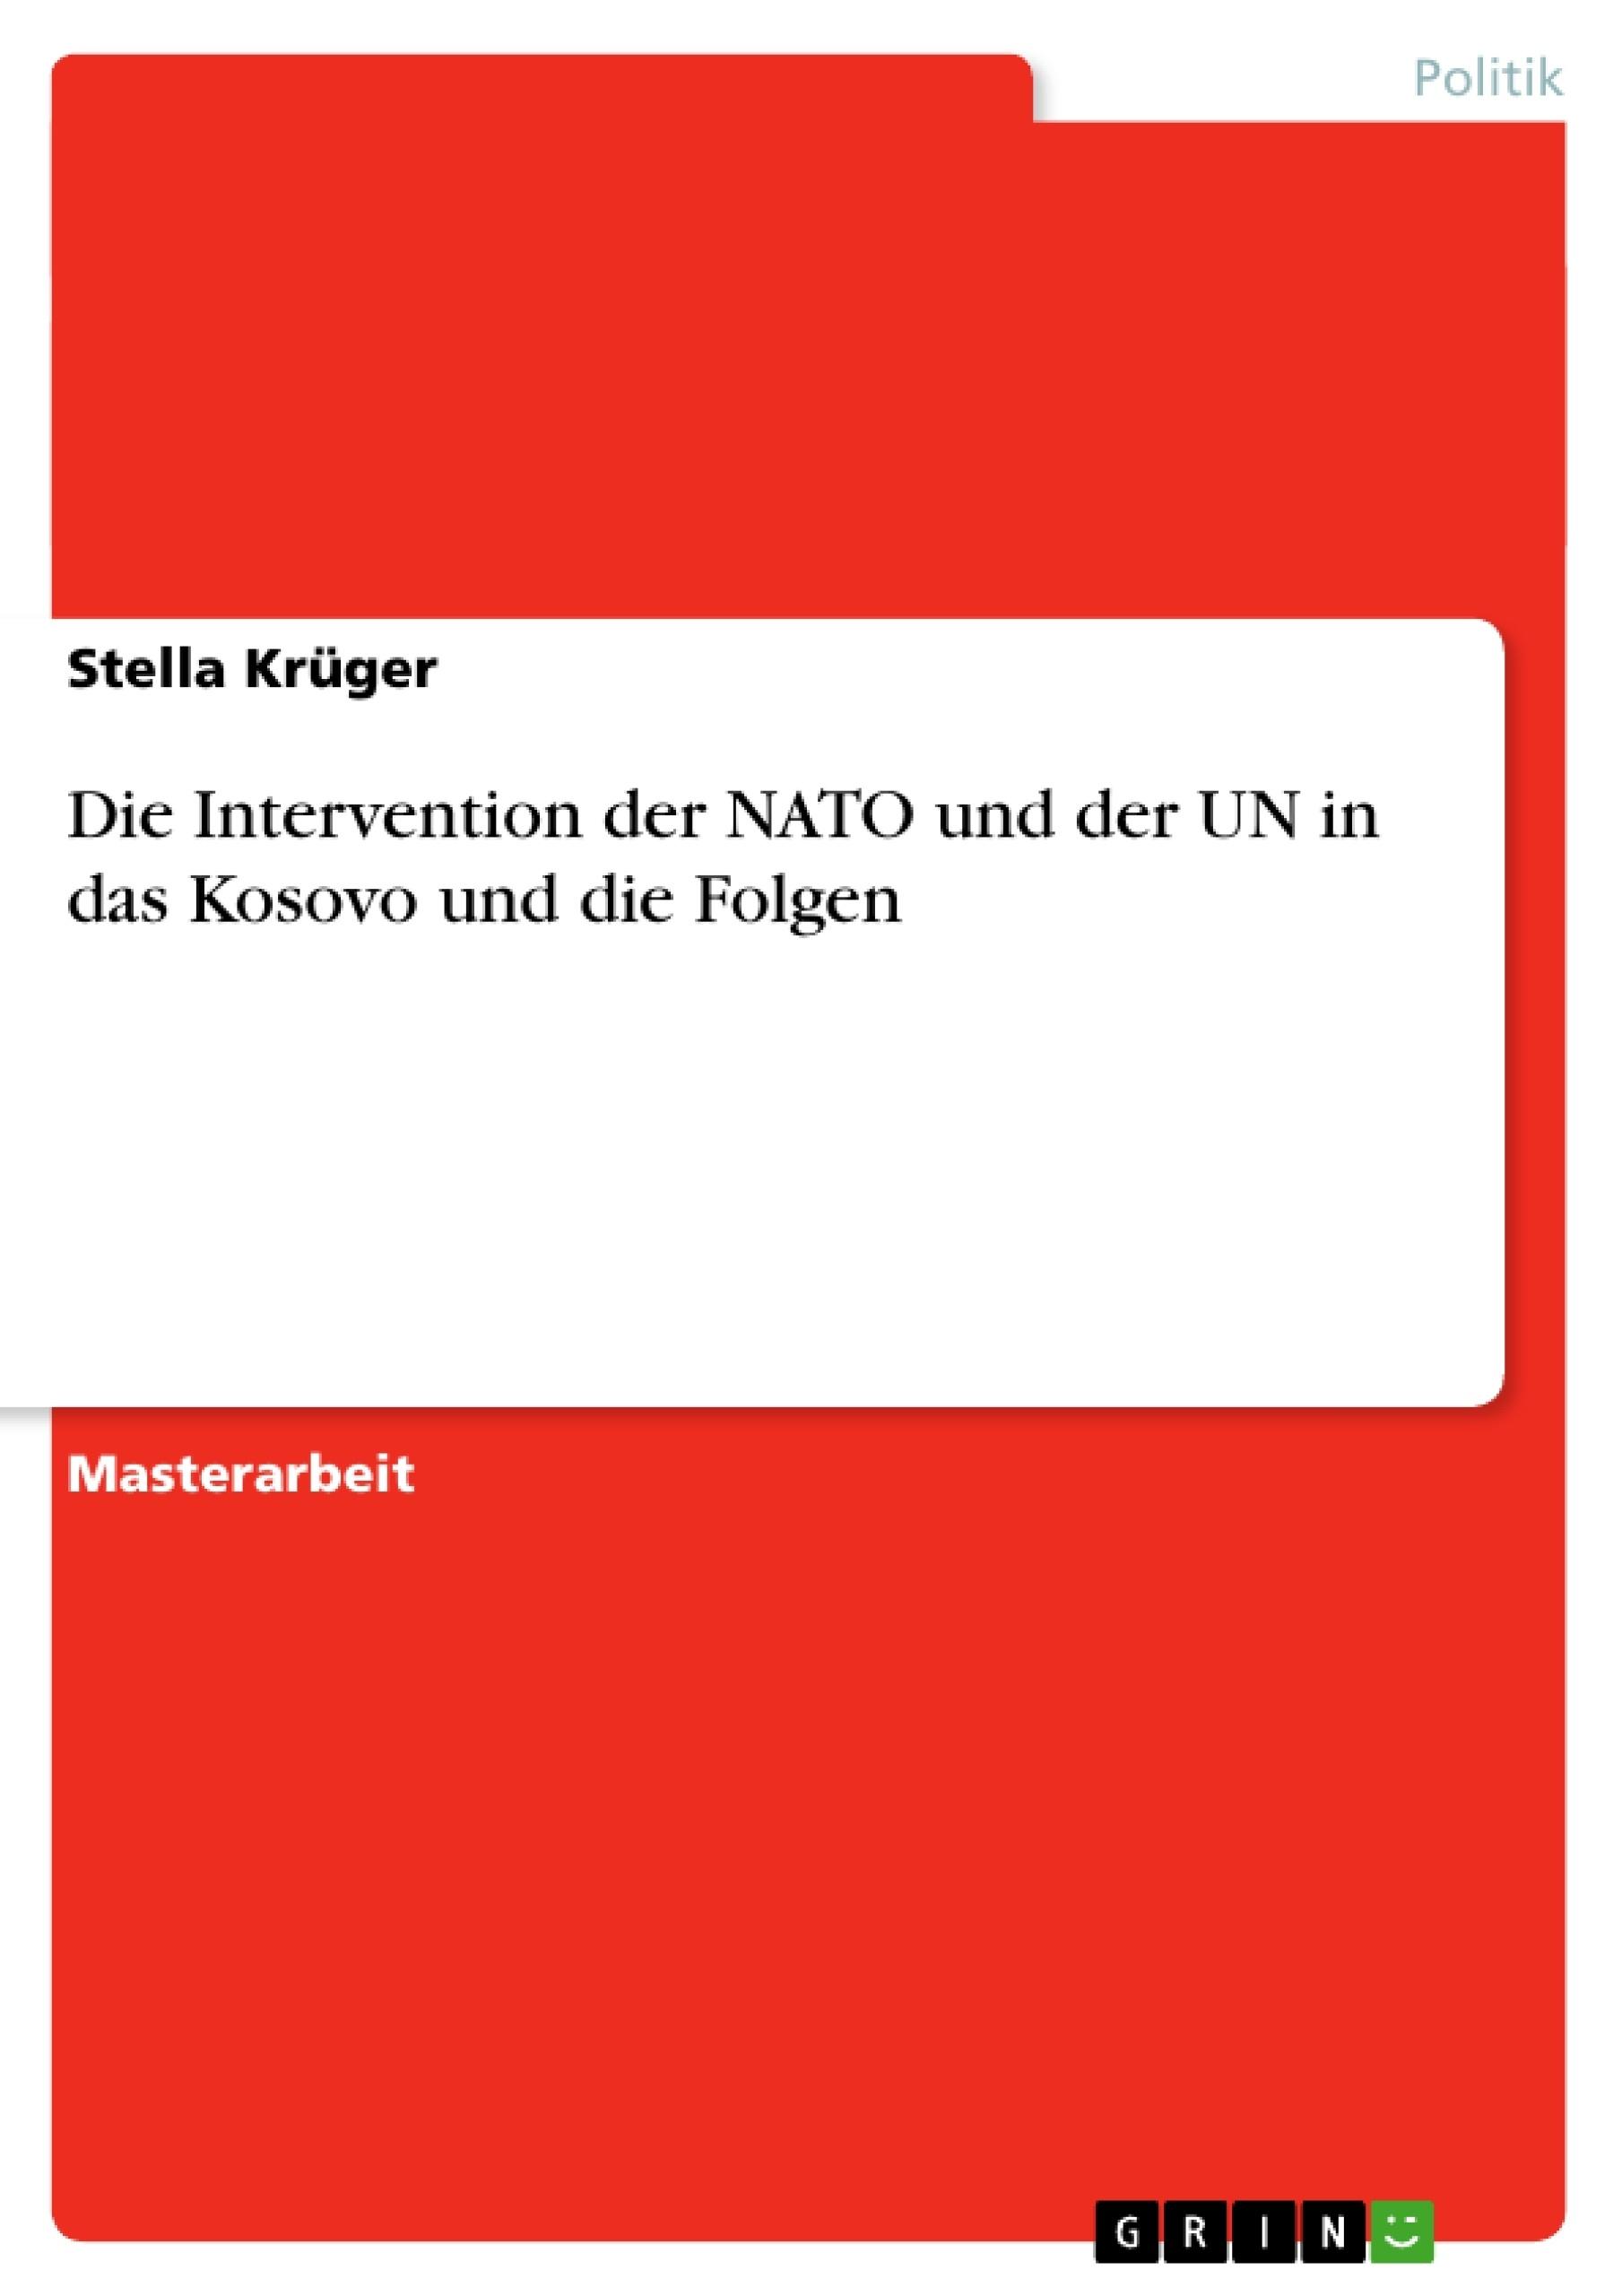 Titel: Die Intervention der NATO und der UN in das Kosovo und die Folgen